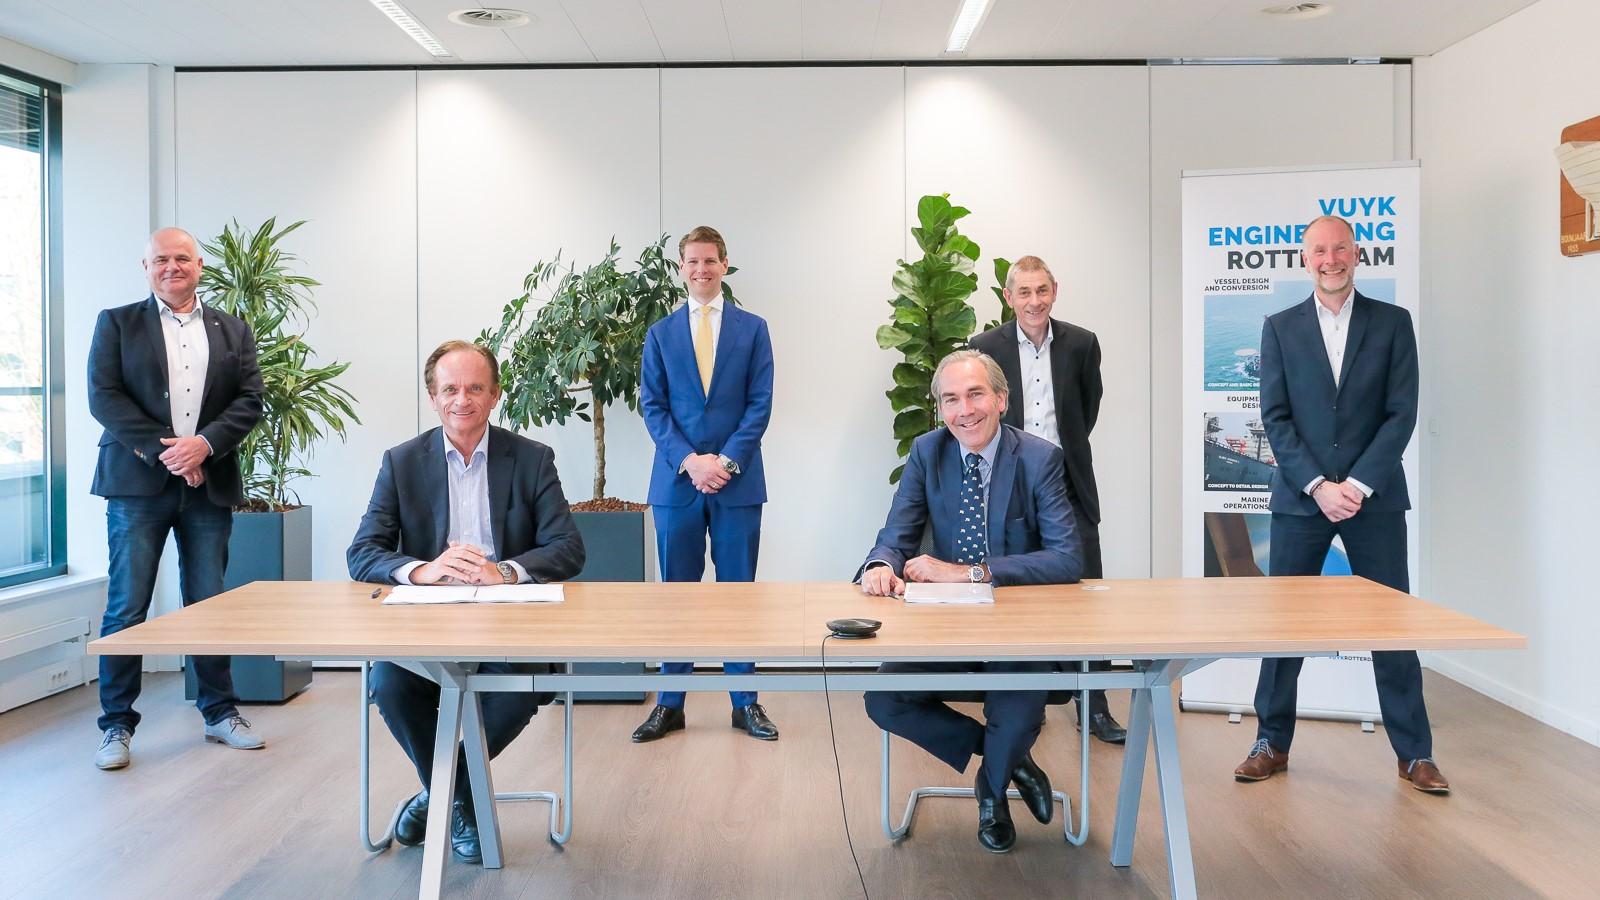 Topman Gerben Eggink van IHC en Jan Willem Doeksen zetten hun handtekening onder de overname van Vuyk Engineering. (Foto: Royal IHC)